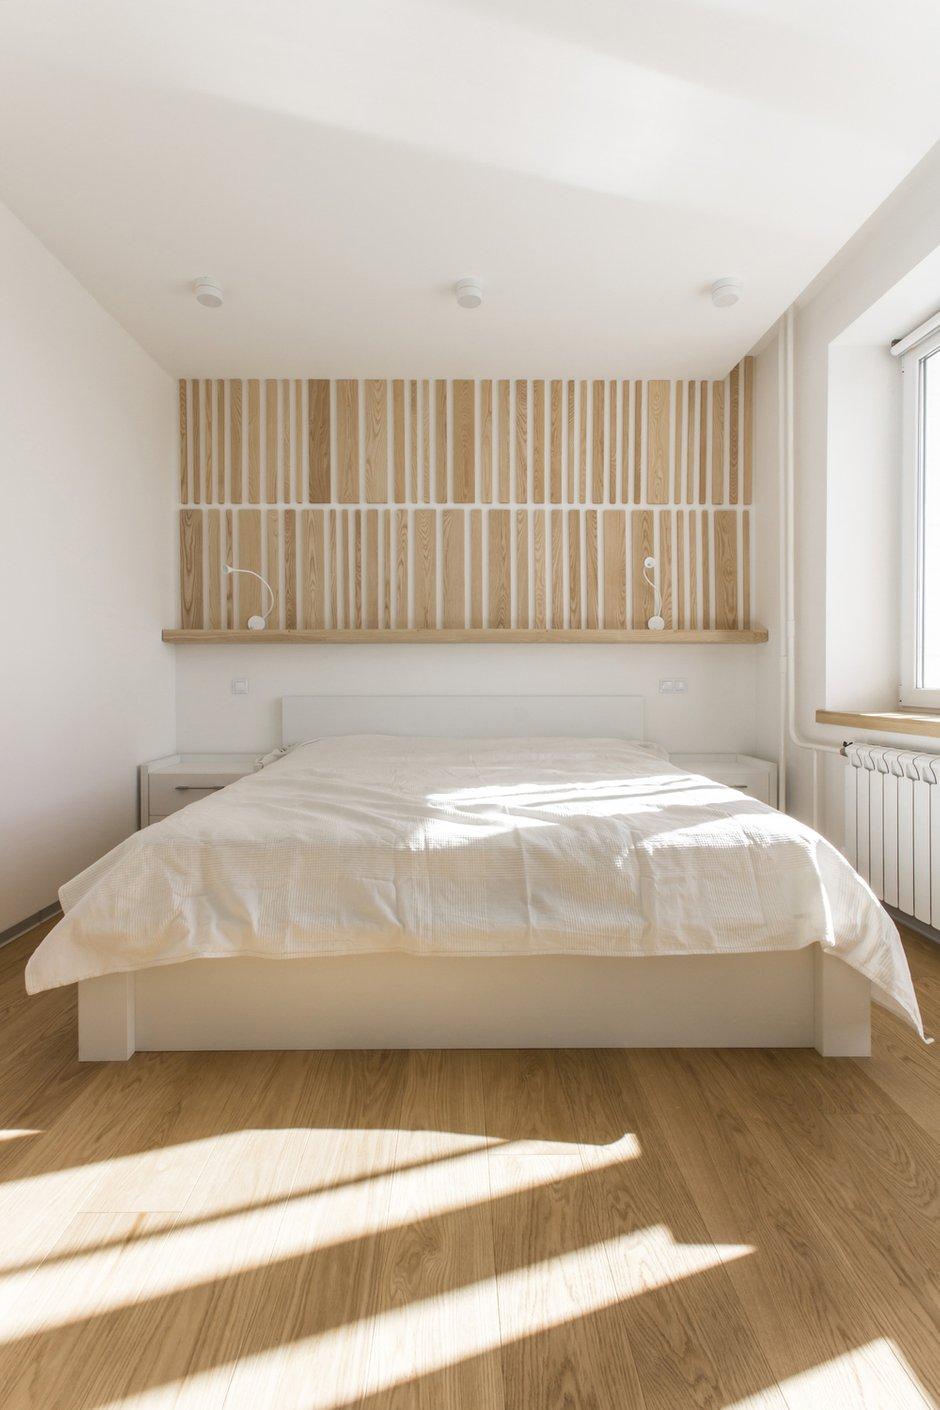 Фотография: Спальня в стиле Лофт, Квартира, BoConcept, Дома и квартиры, Белый, IKEA, Проект недели, Мансарда – фото на INMYROOM